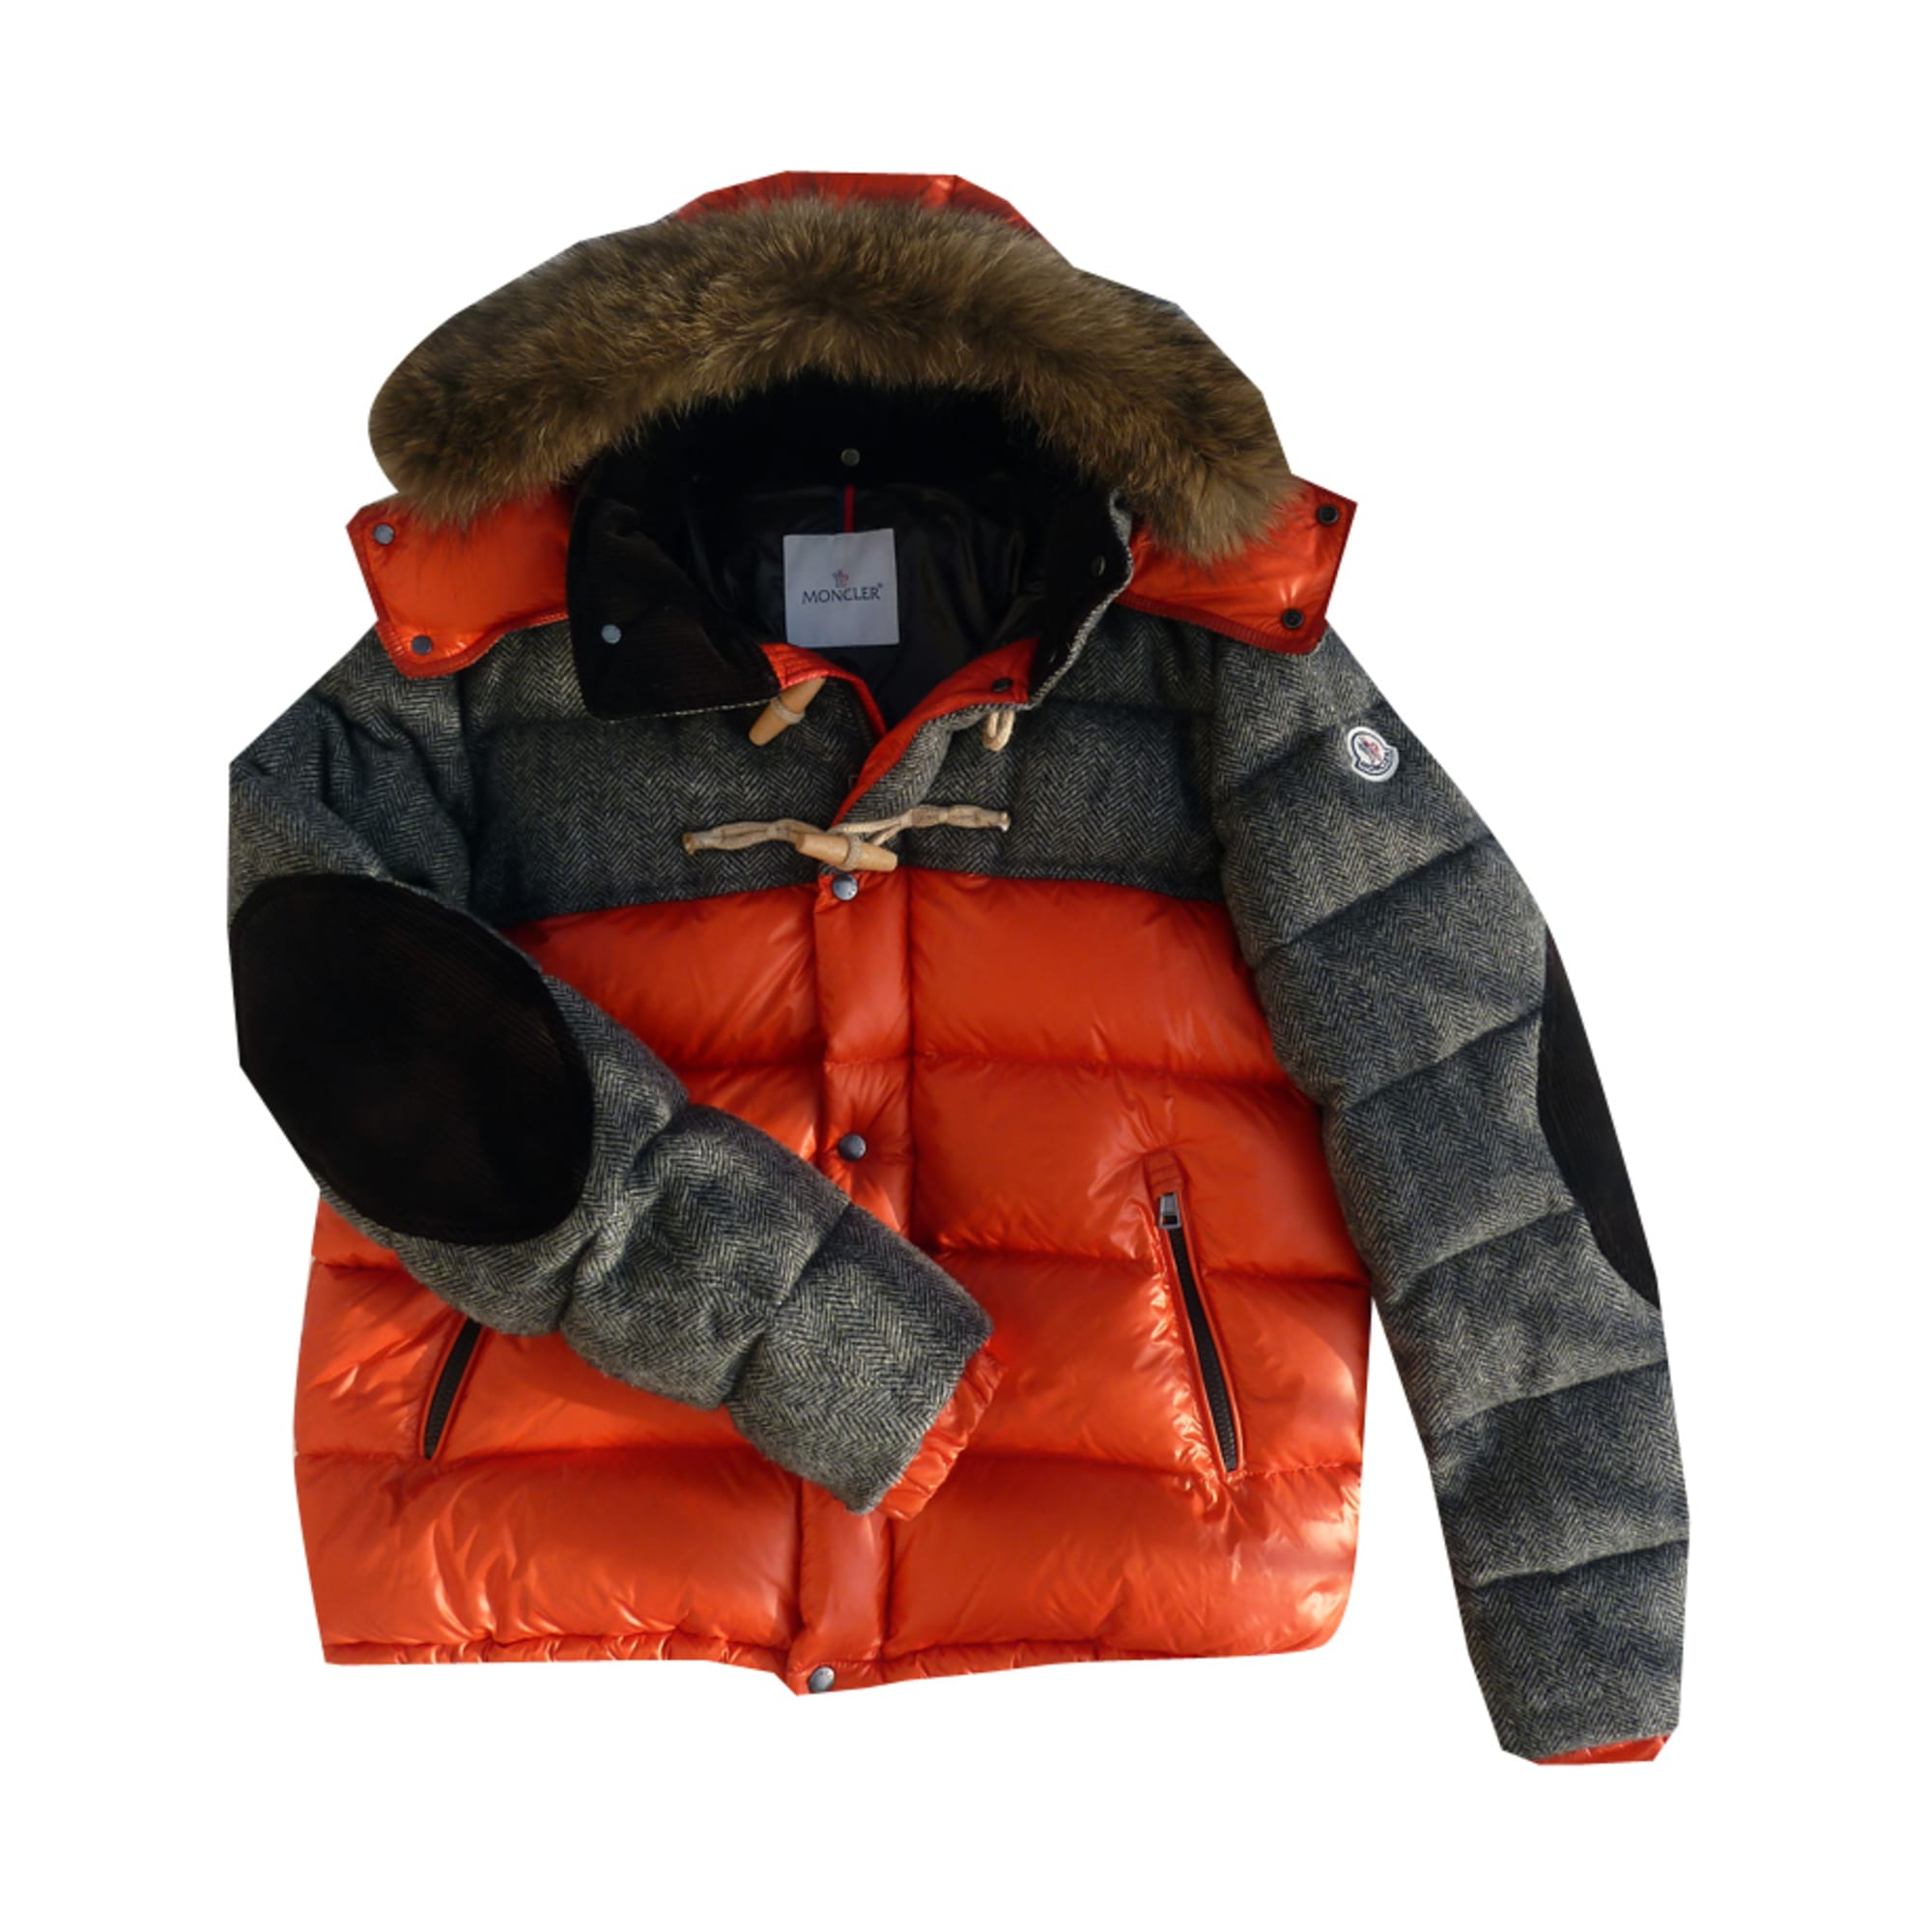 Doudoune MONCLER 56 (XL) orange vendu par Jocelyn255046 - 1083549 5016a47f4dd